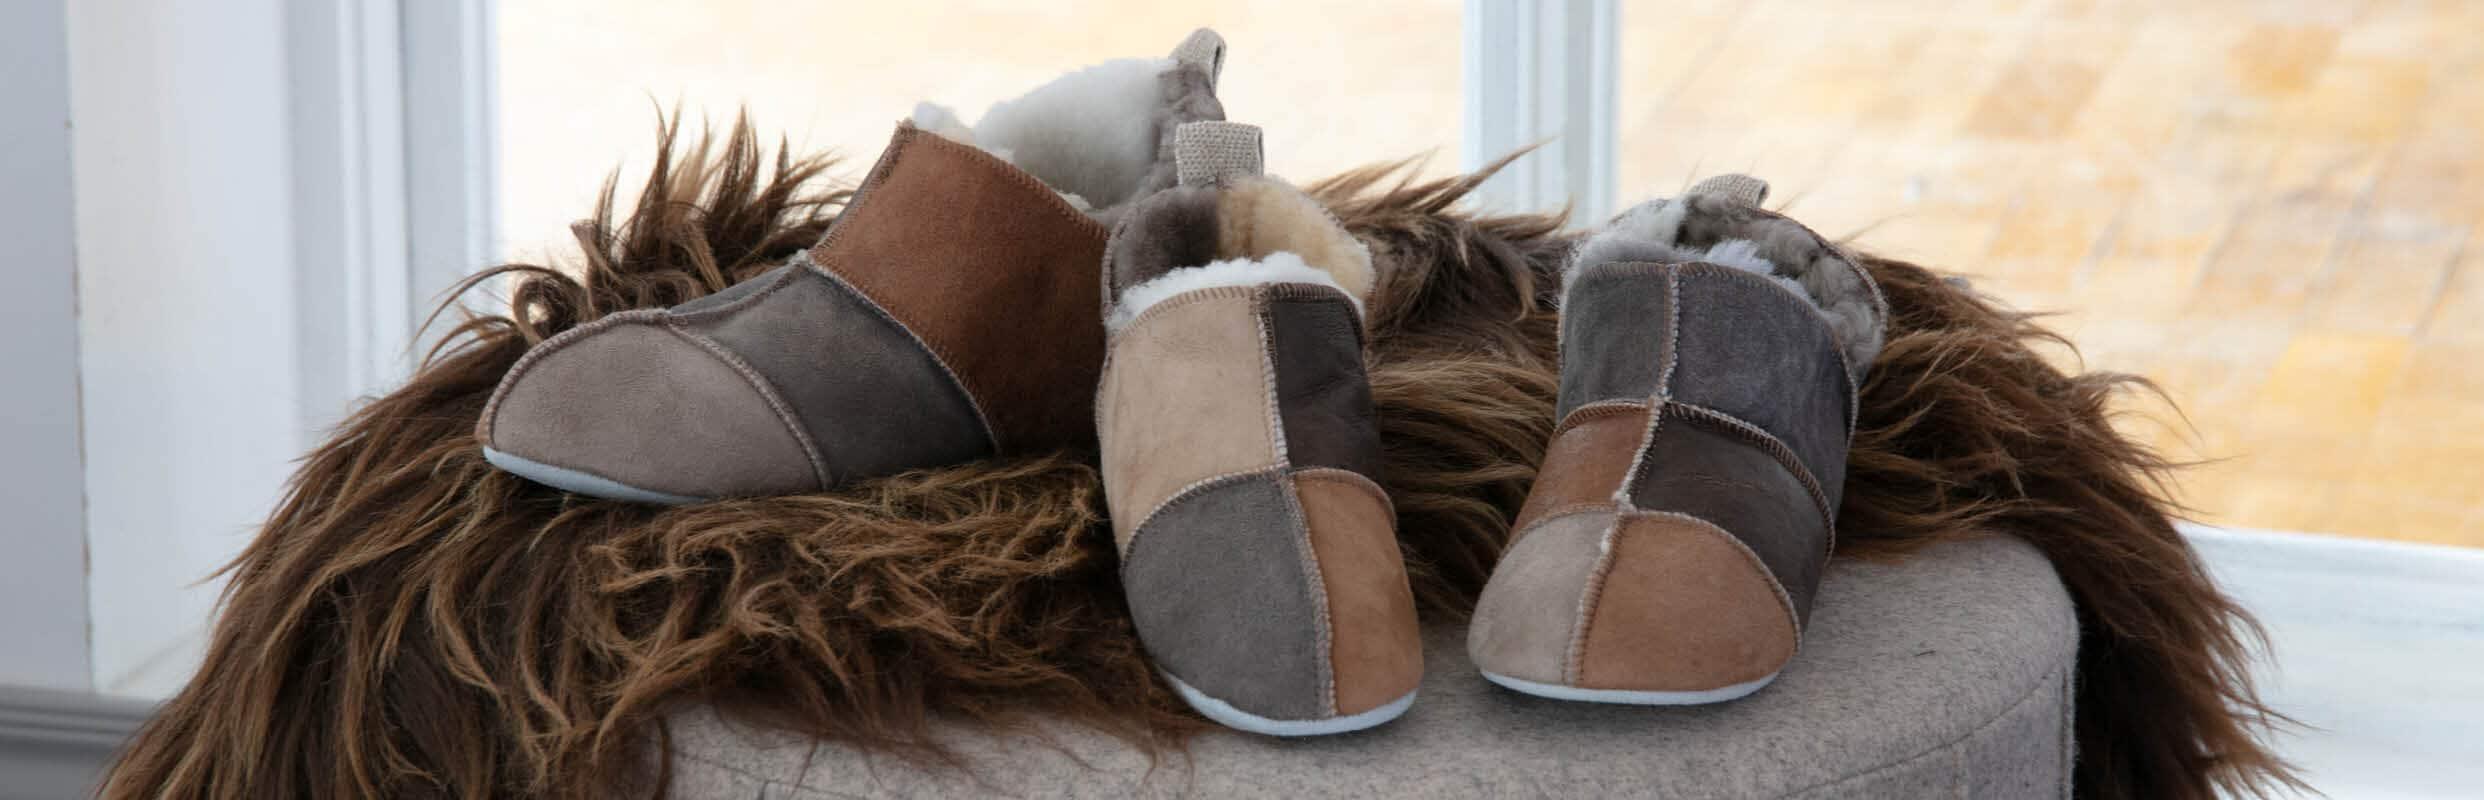 The family slipper ♥︎